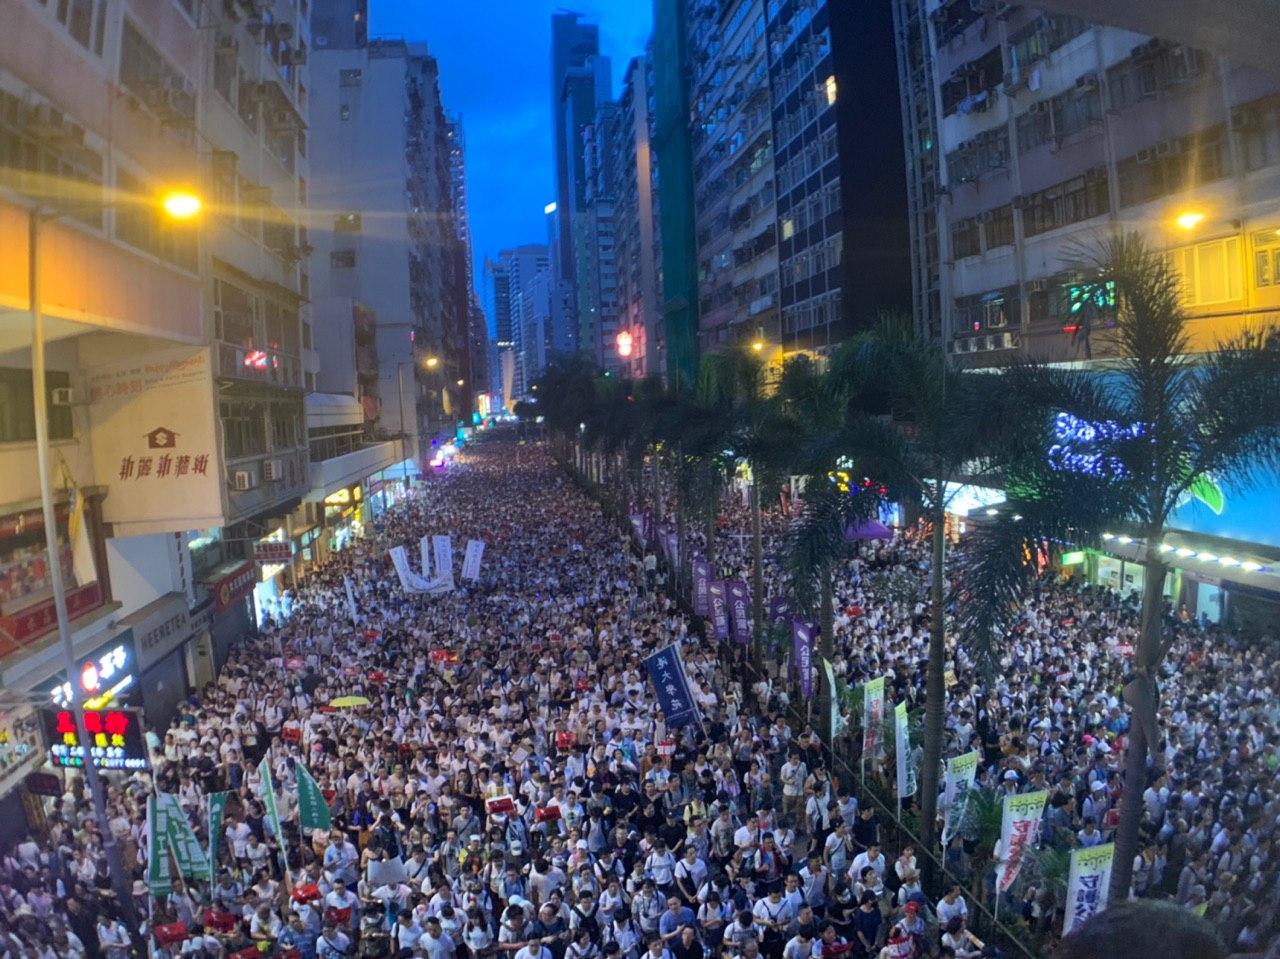 2019年6月9日,香港逾百萬人上街參加「反送中」大遊行,天色漸暗街道上仍擠滿人潮。(李逸/大紀元)